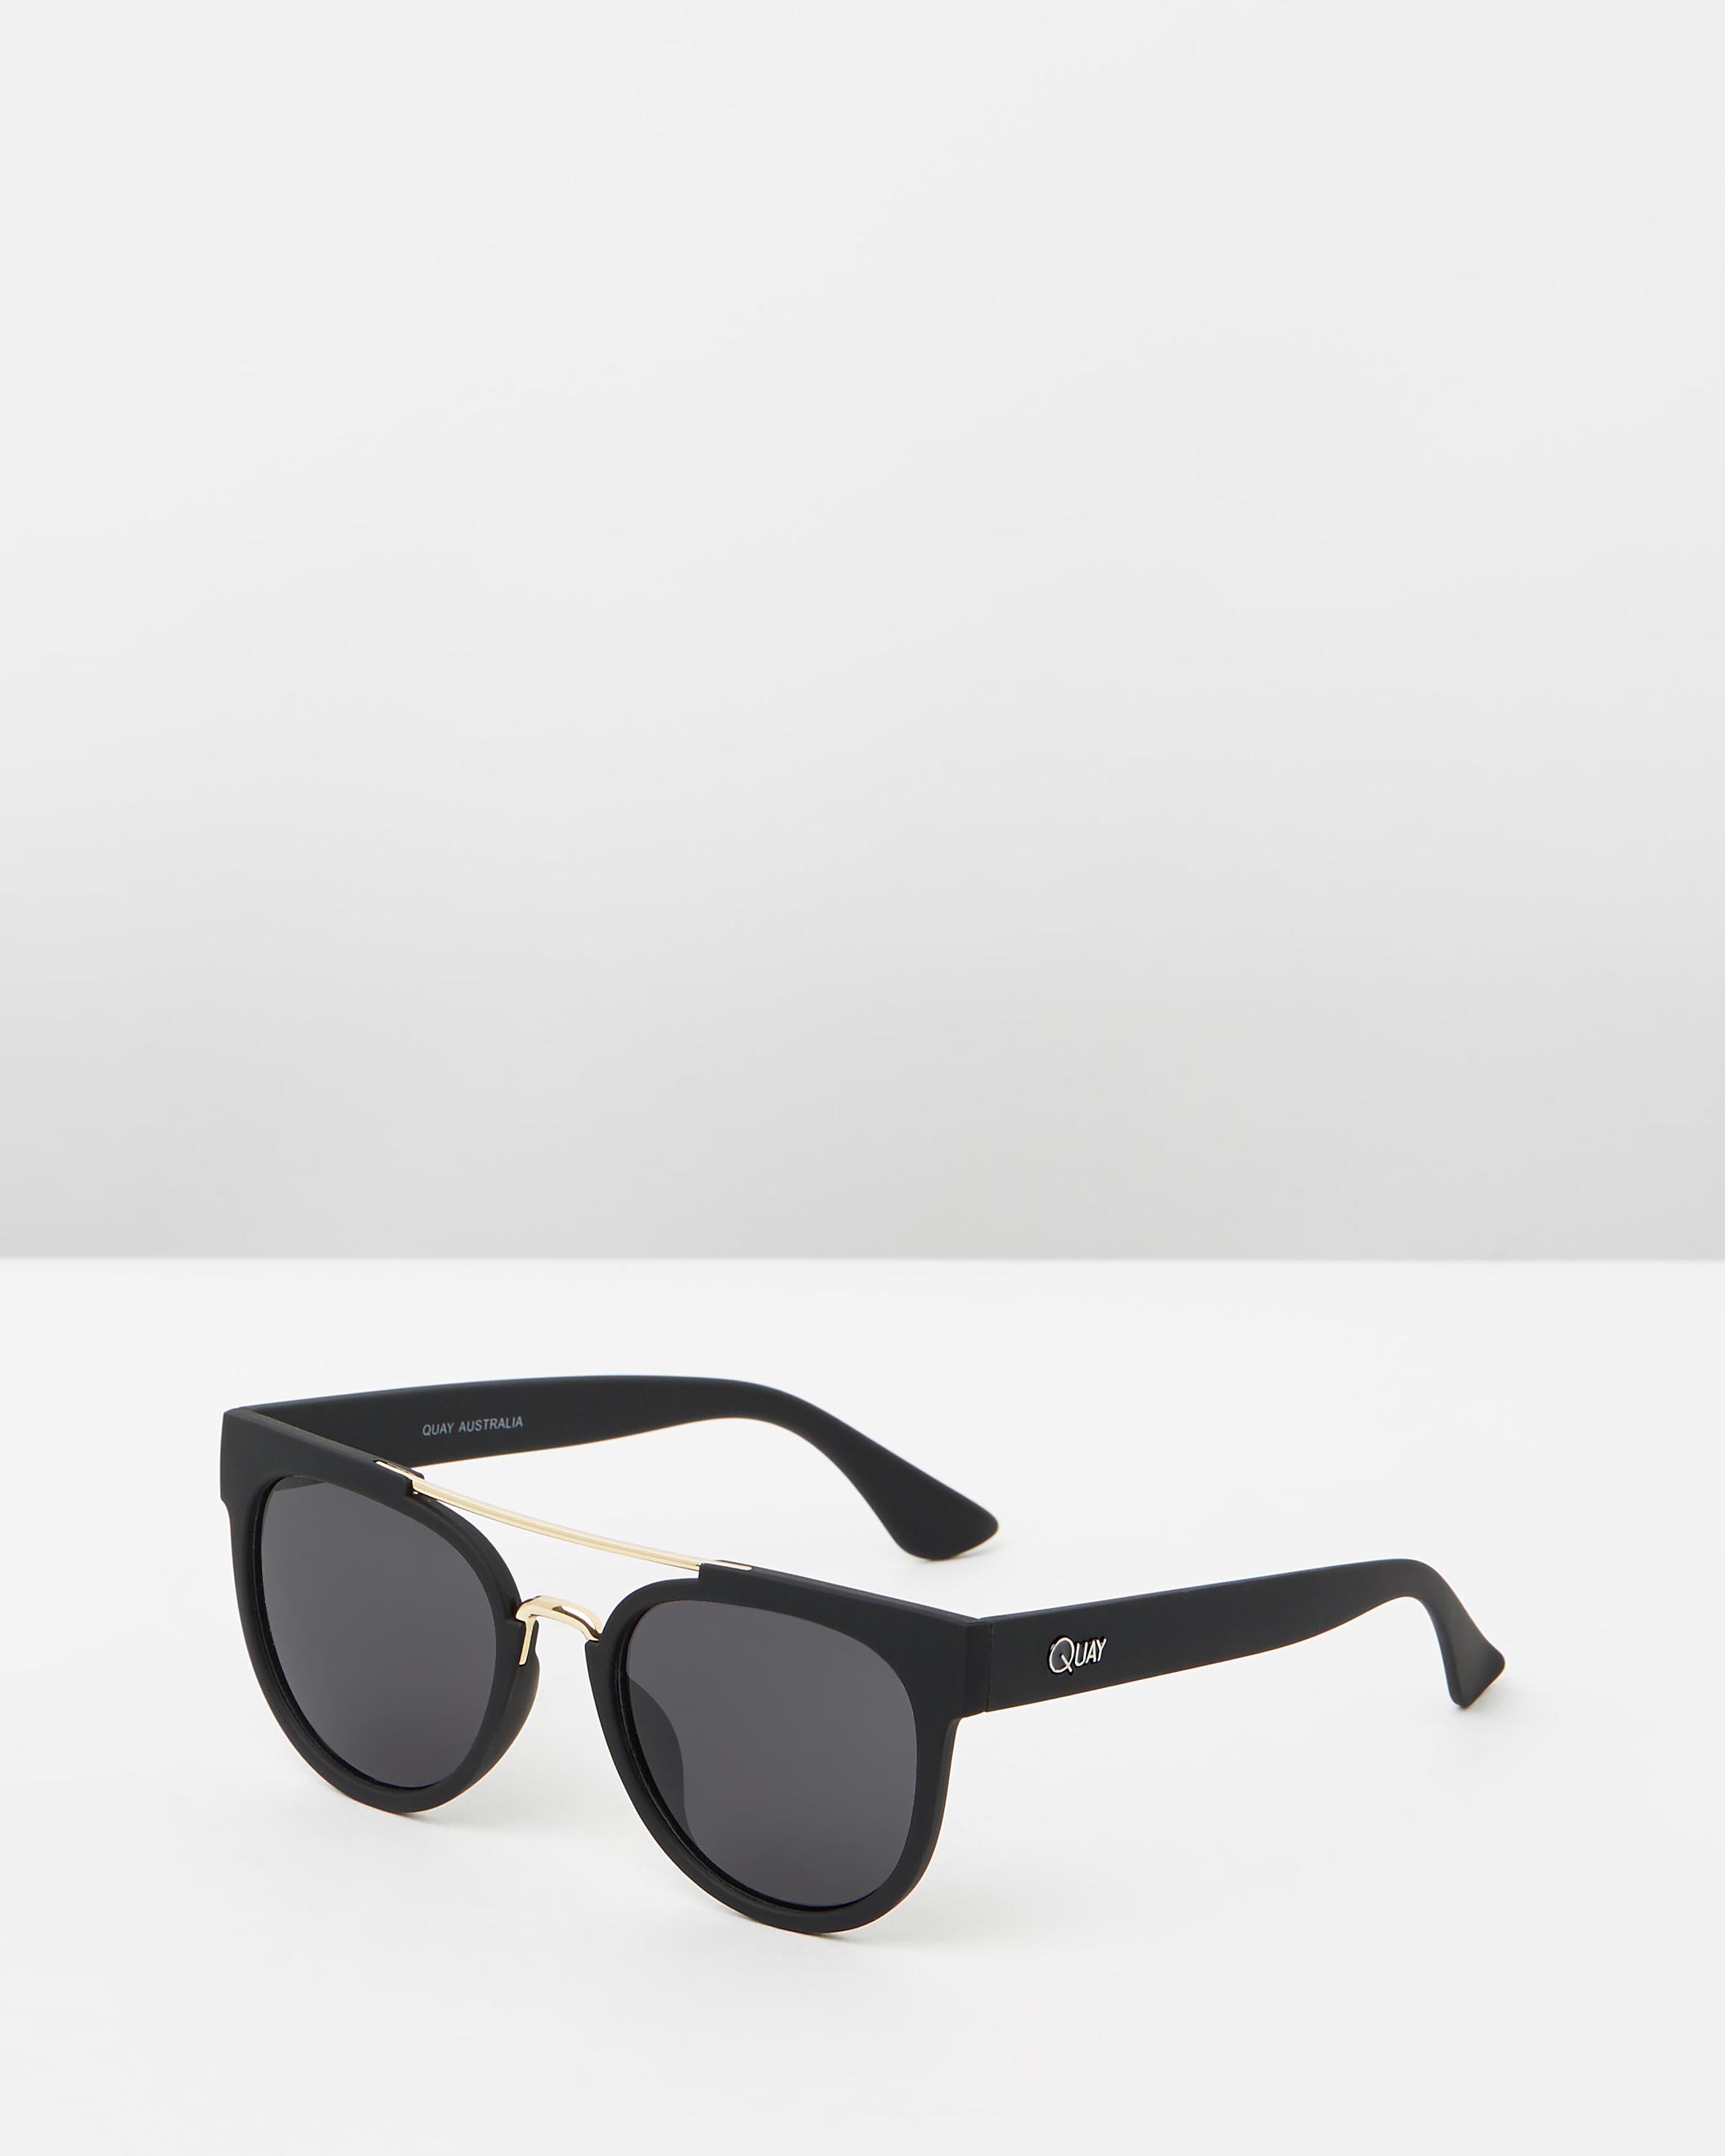 ladies aviator sunglasses za9e  ladies sunglasses online australia